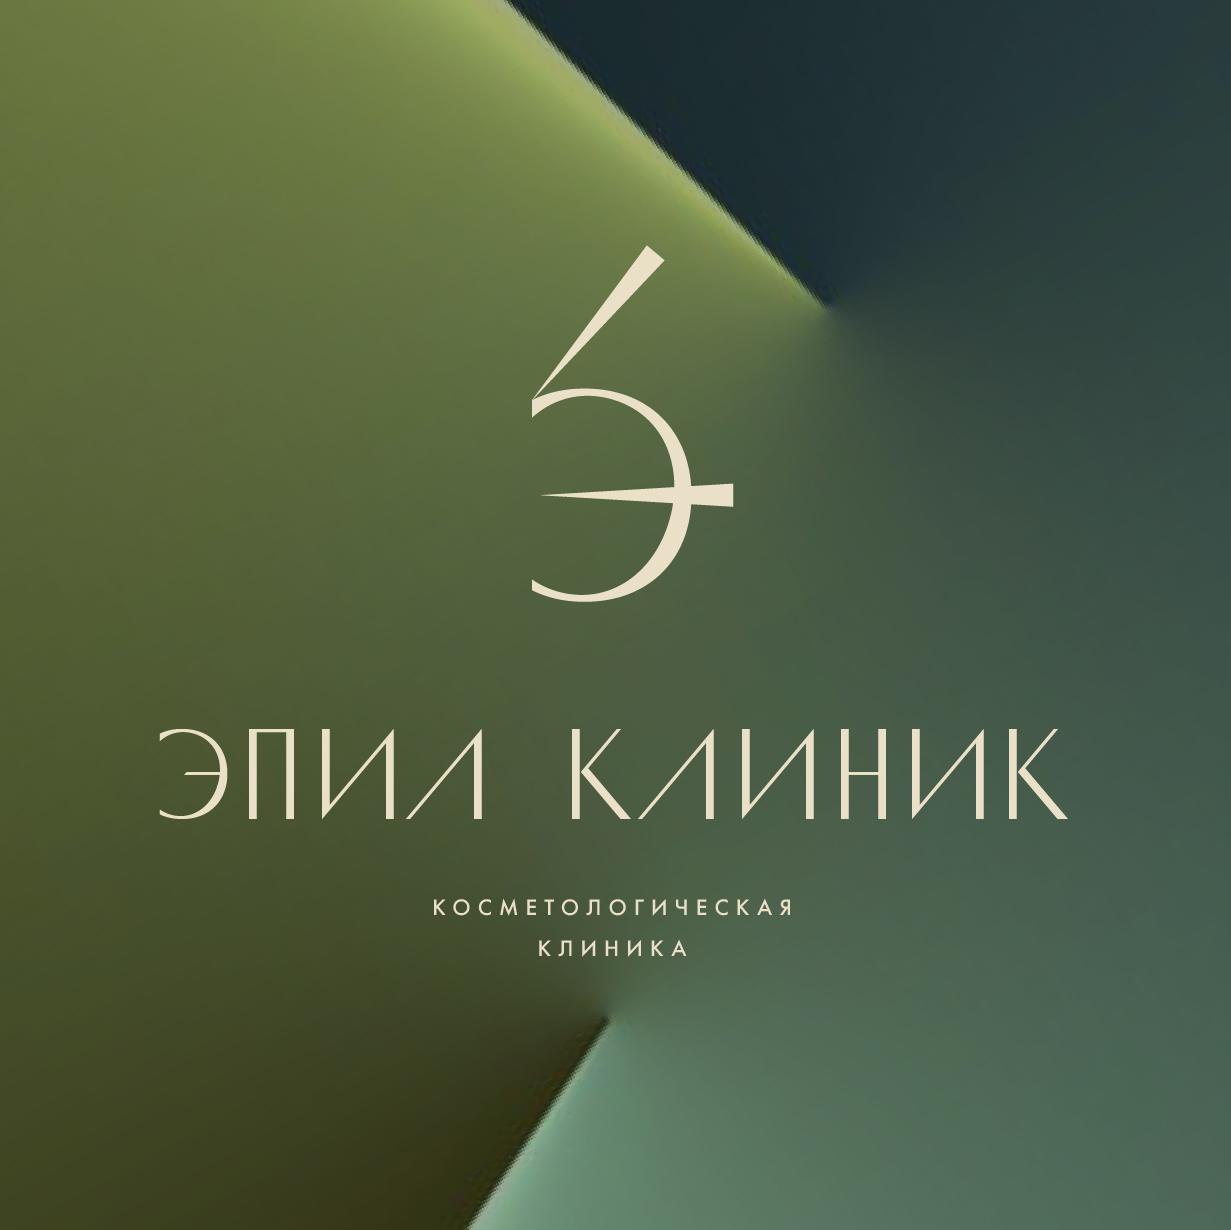 Логотип , фирменный стиль  фото f_4885e1e2e5f0b4b0.jpg